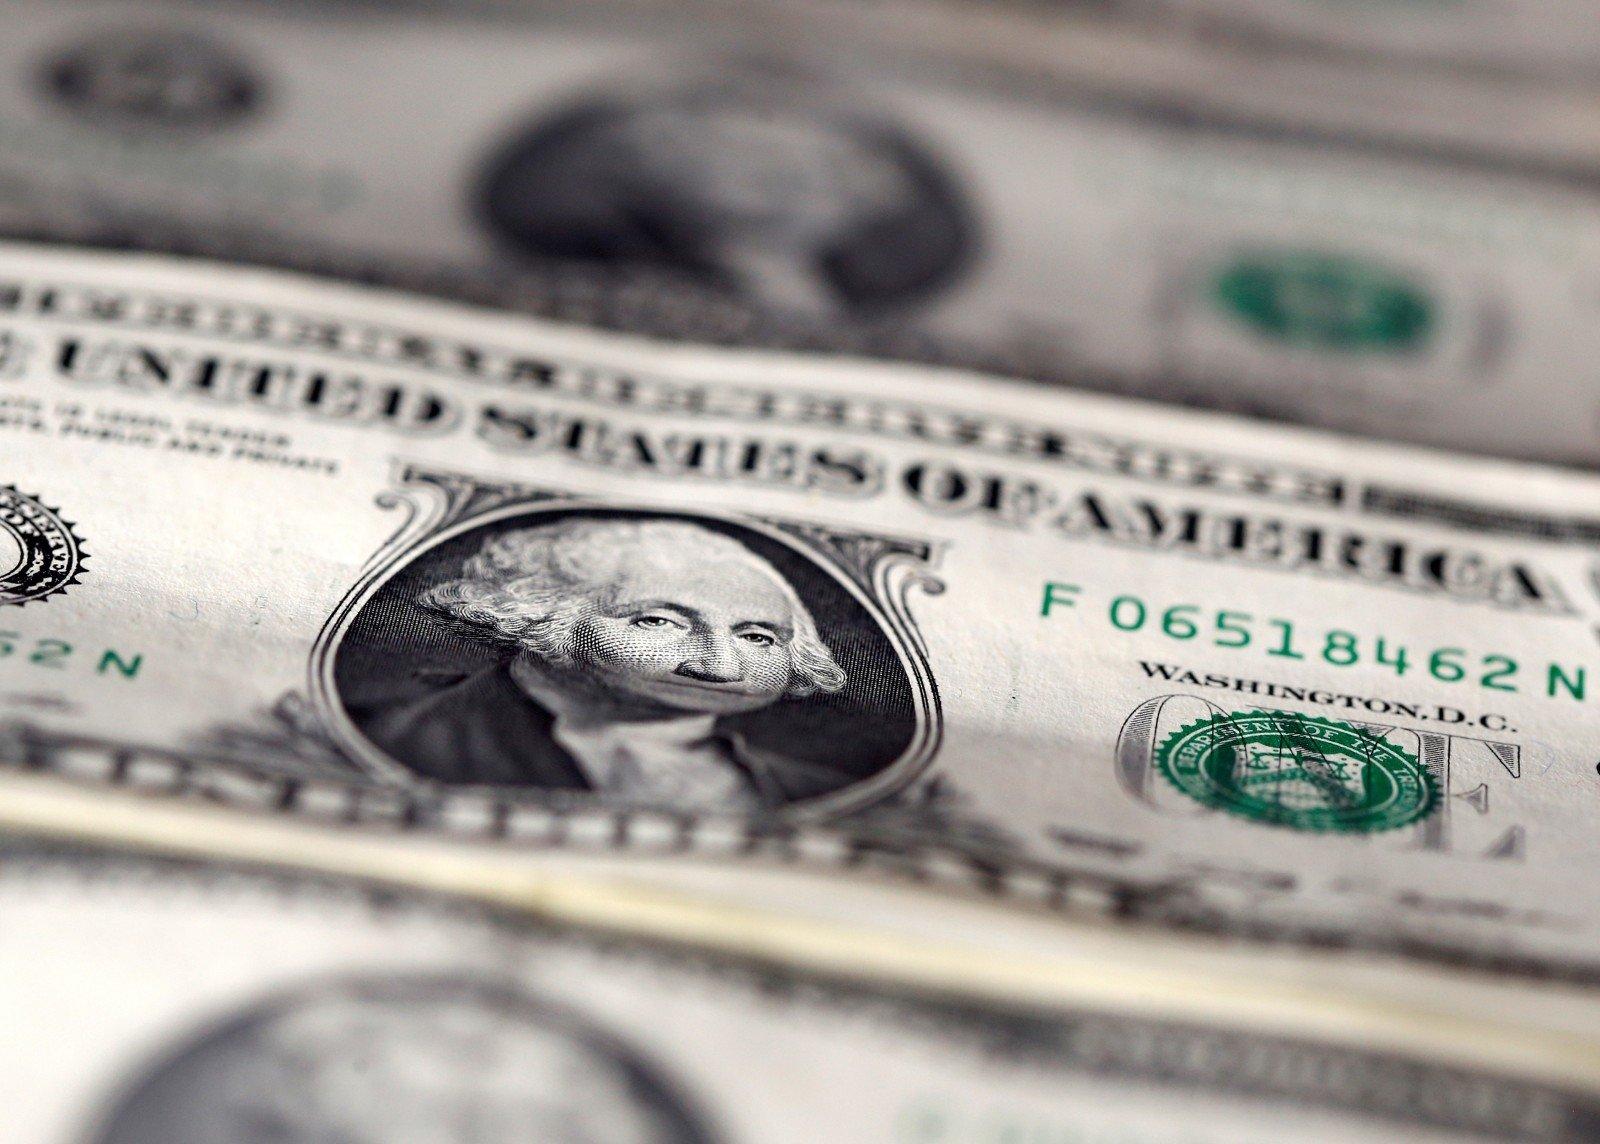 Jungtinių Amerikos Valstijų doleris (USD)